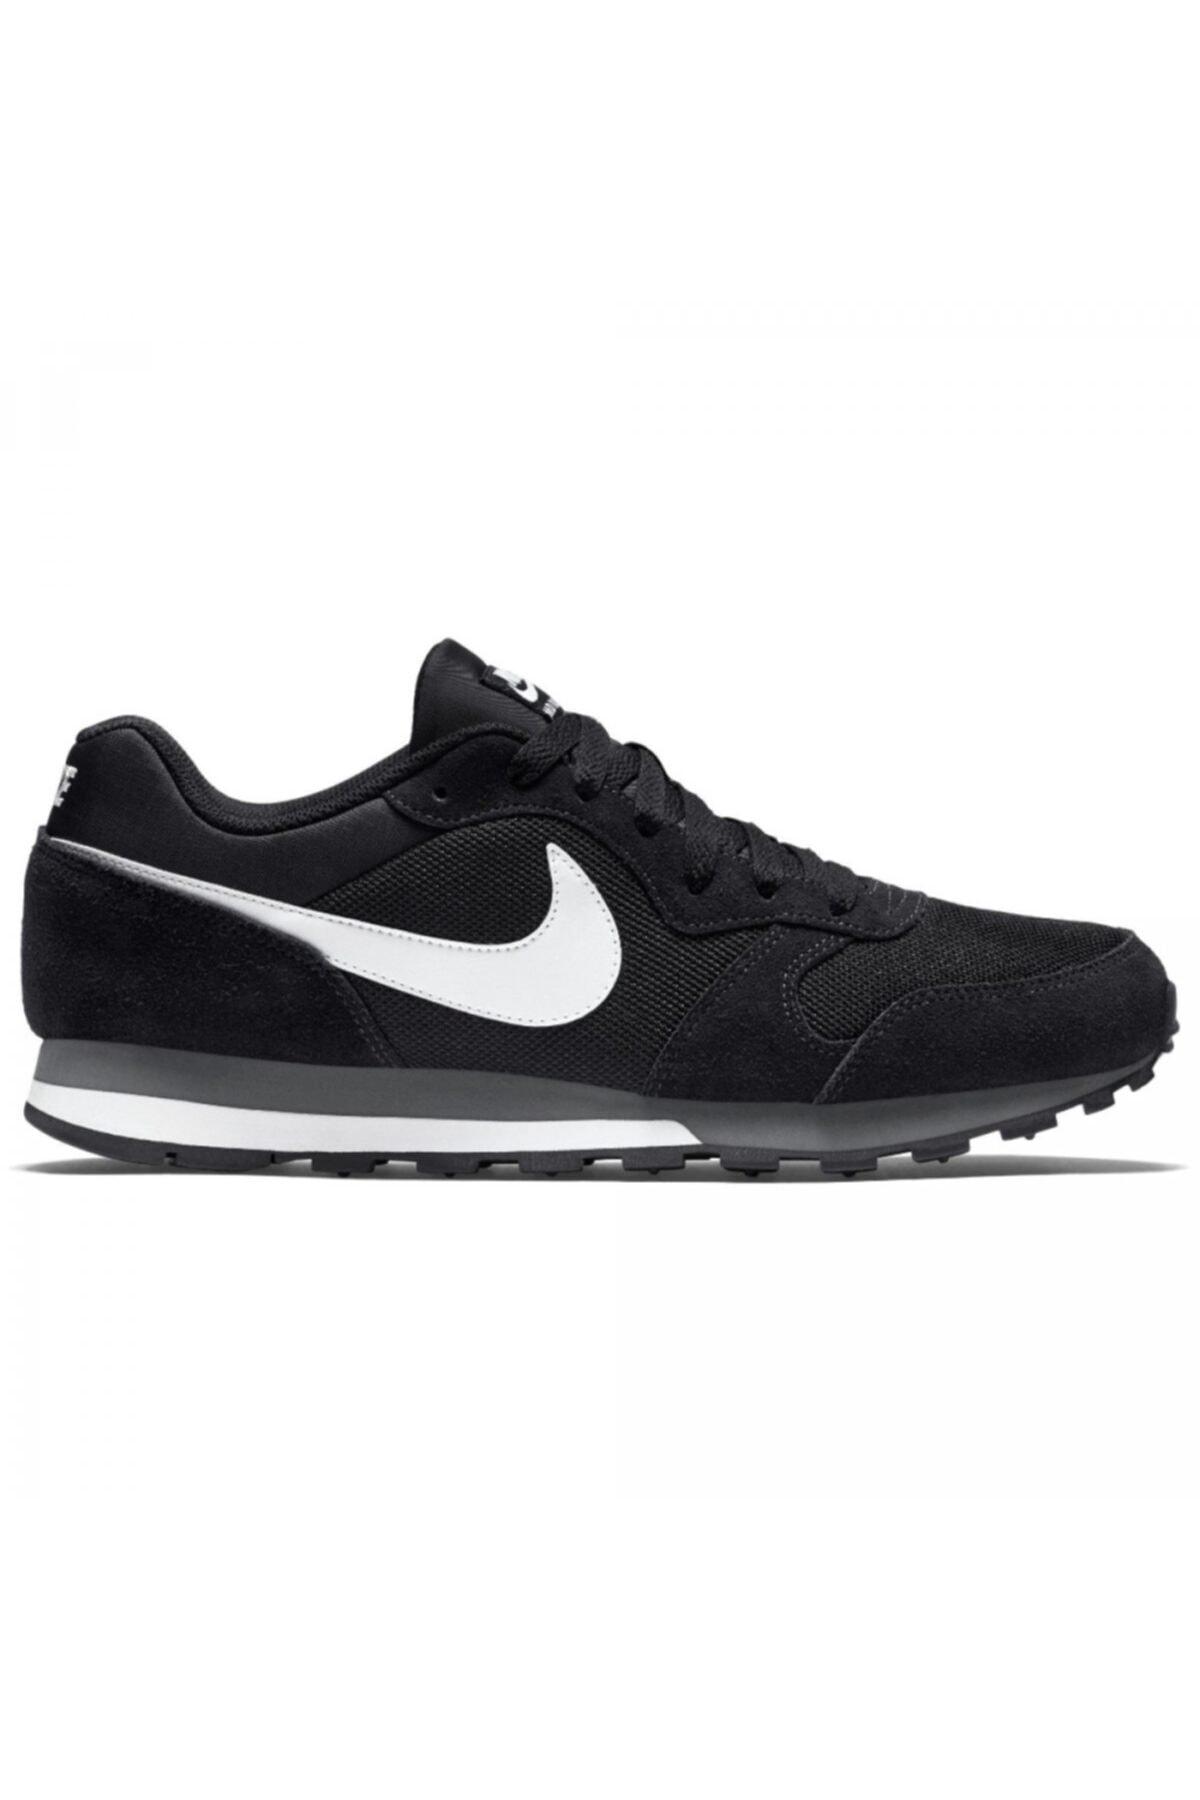 Nike Erkek Siyah Koşu Ayakkabısı 749794-010 1